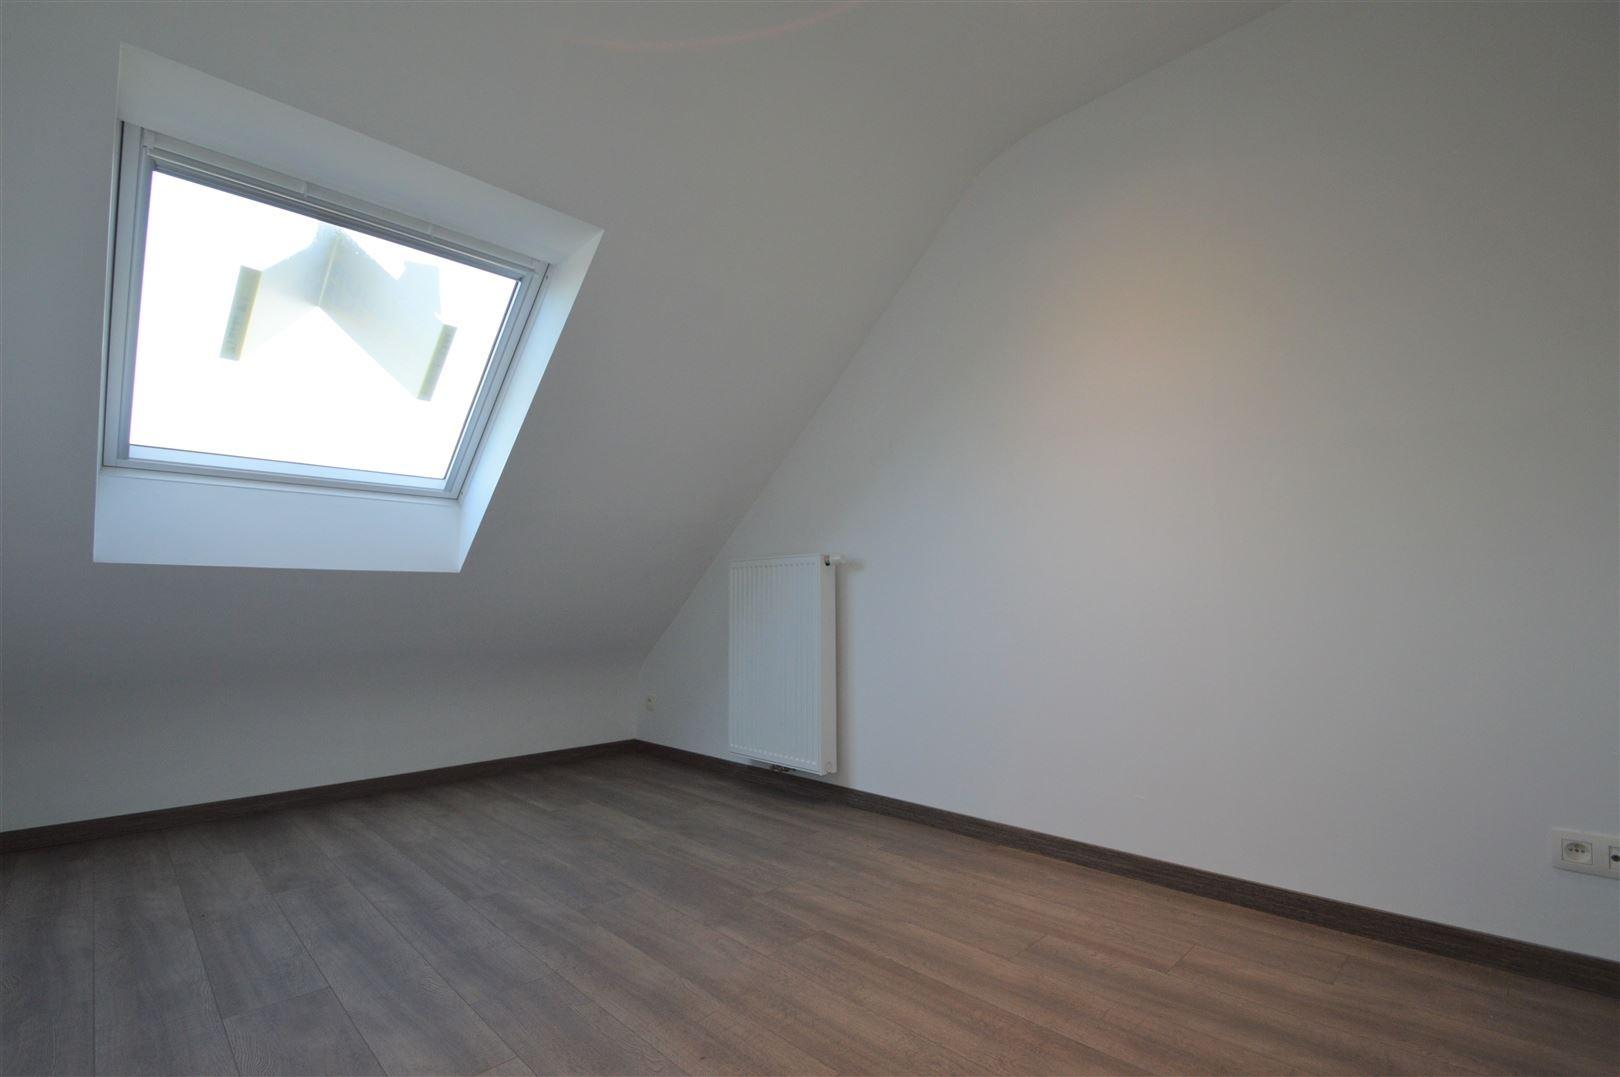 Foto 12 : Appartement te 9200 OUDEGEM (België) - Prijs € 650